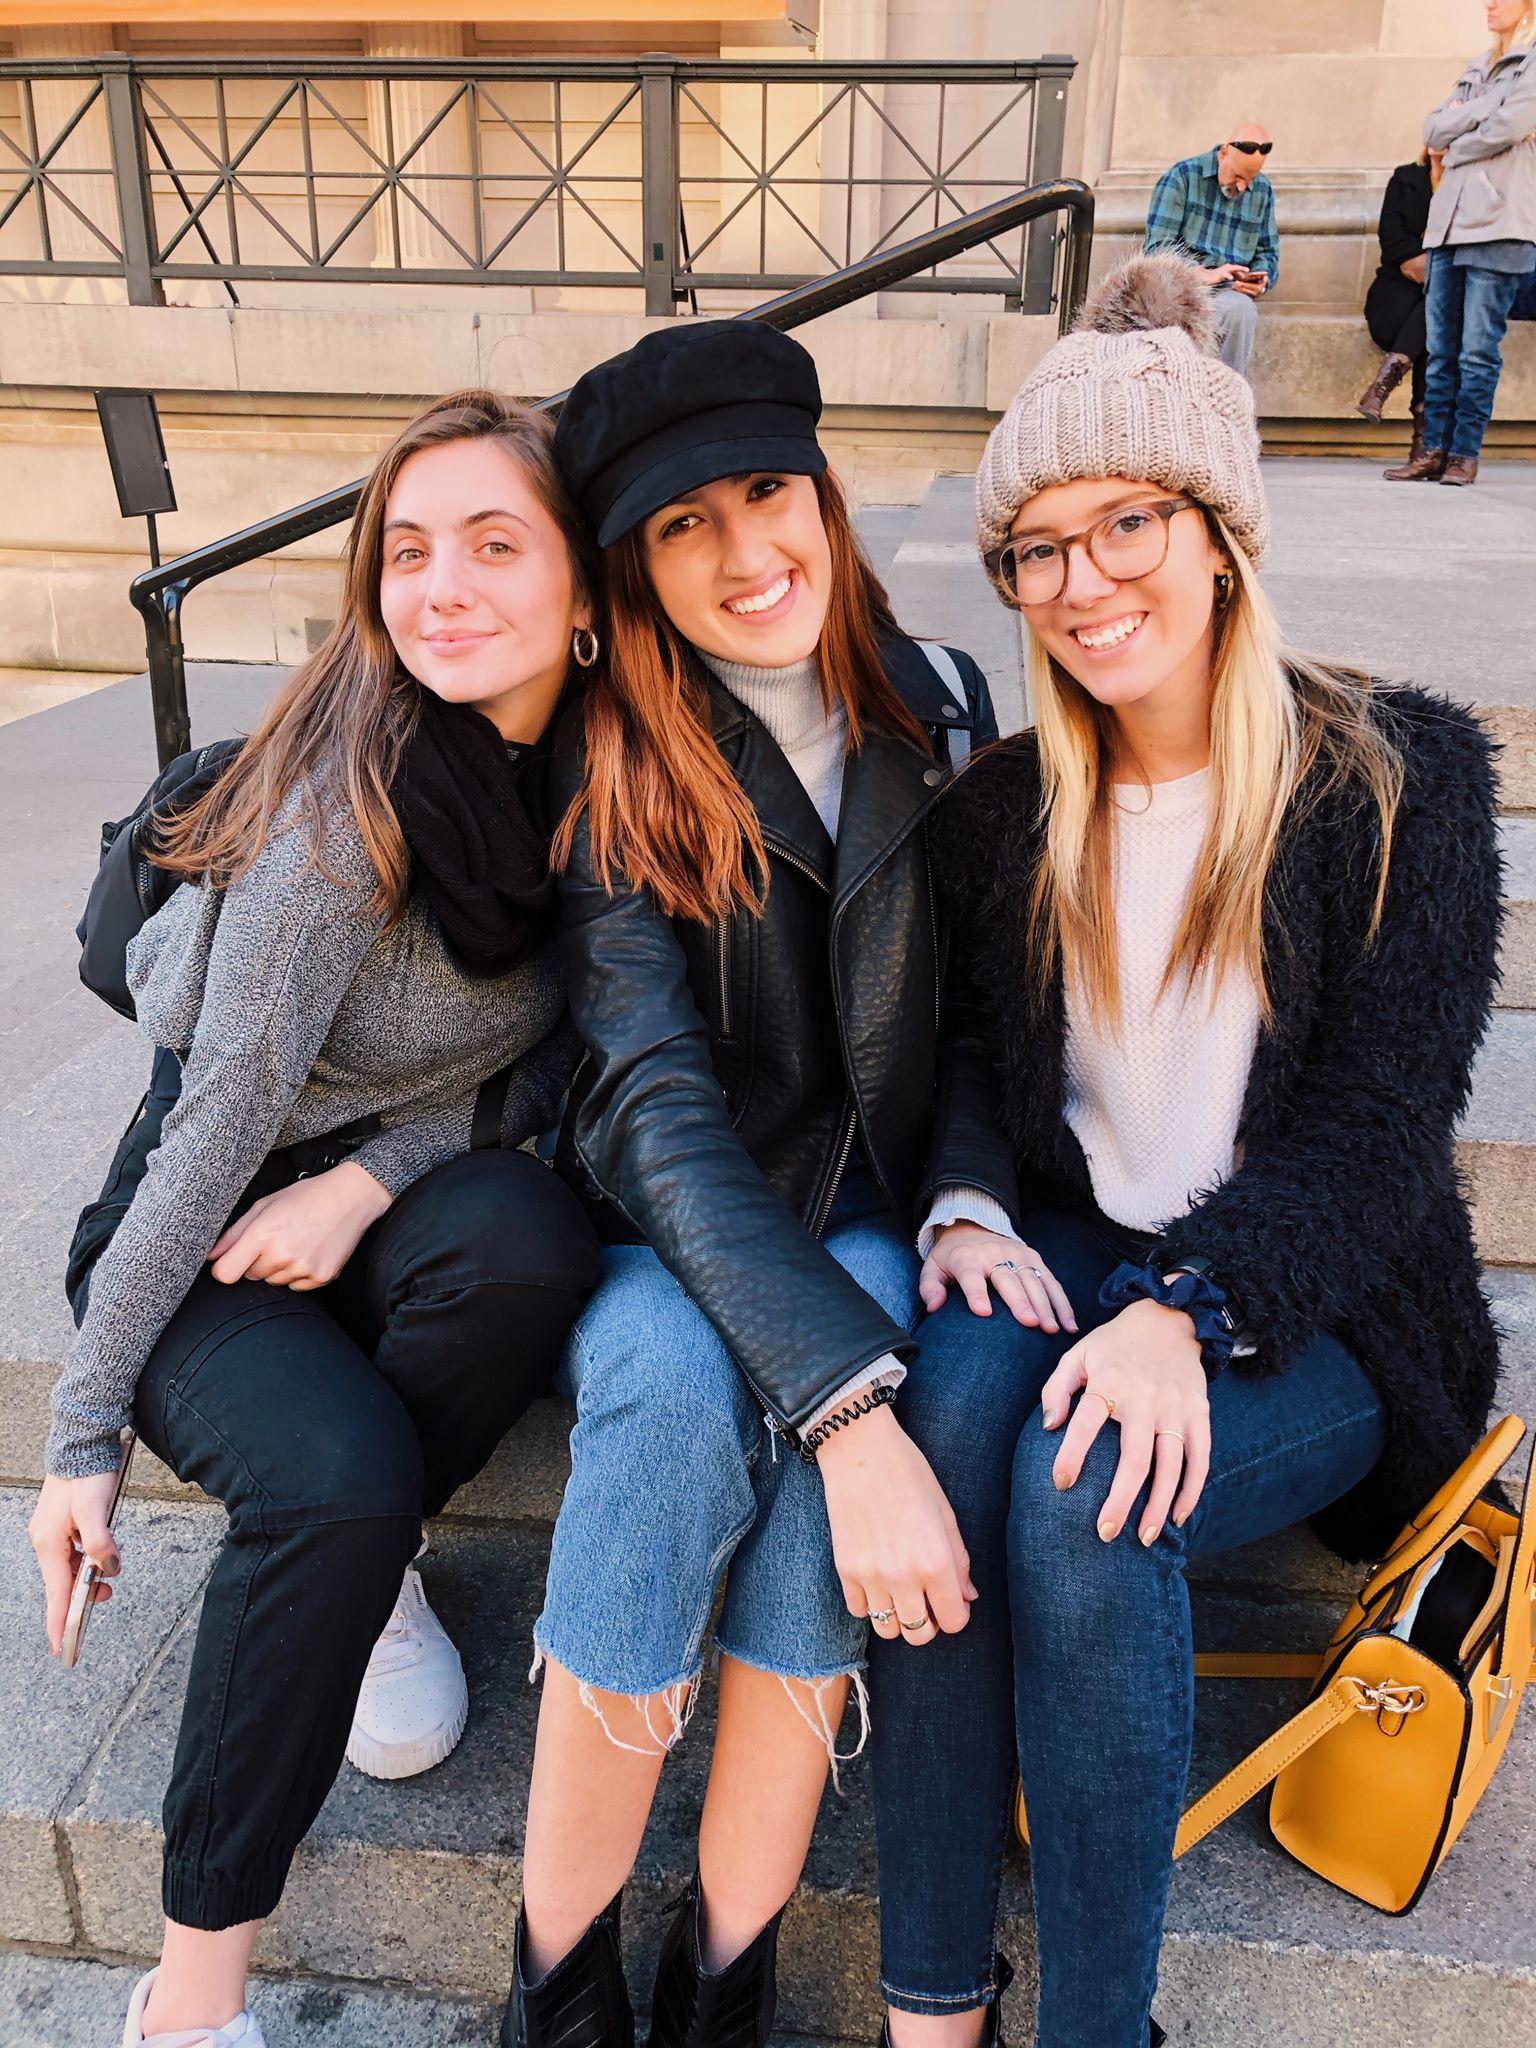 Members of FPRA on the steps of the Metropolitan Museum